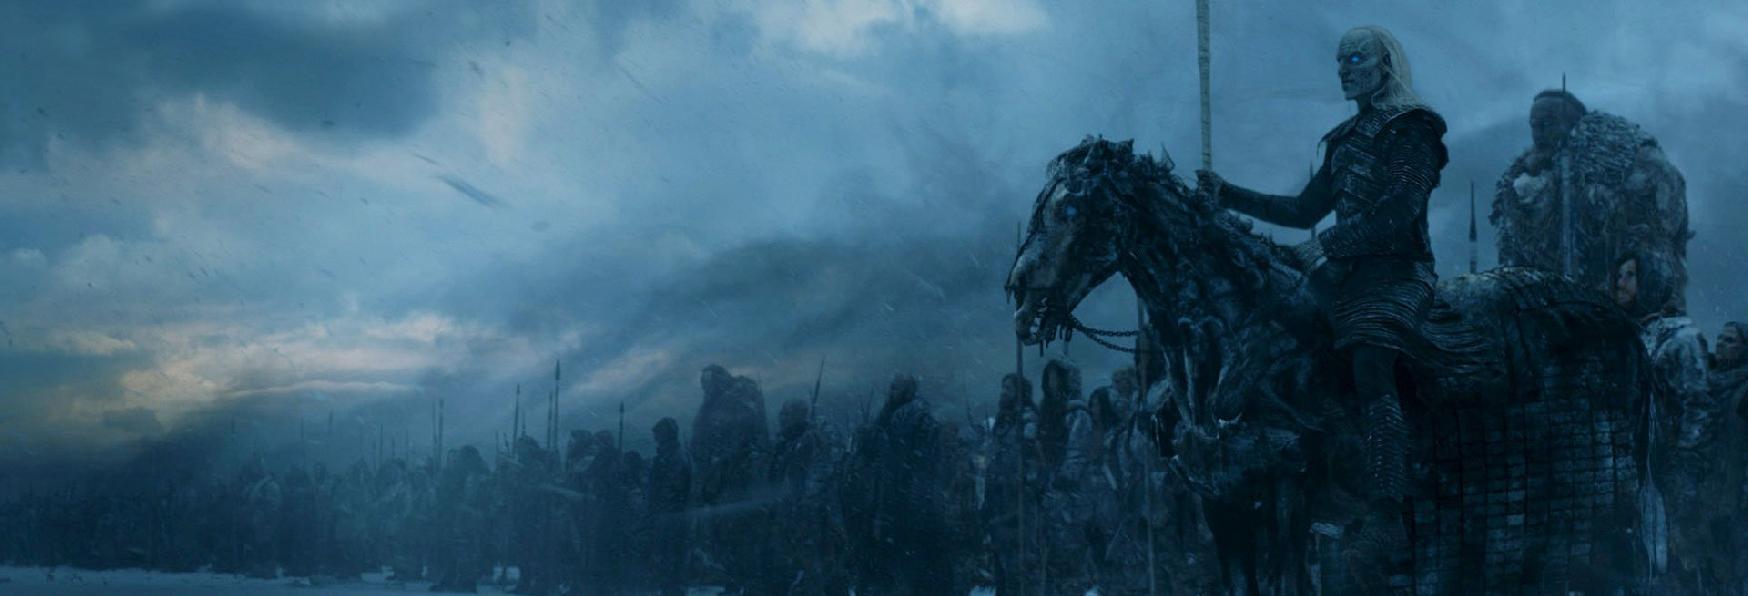 Game of Thrones: il Fuoco e il Ghiaccio si scontrano nelle Terre di Westeros, il Teaser